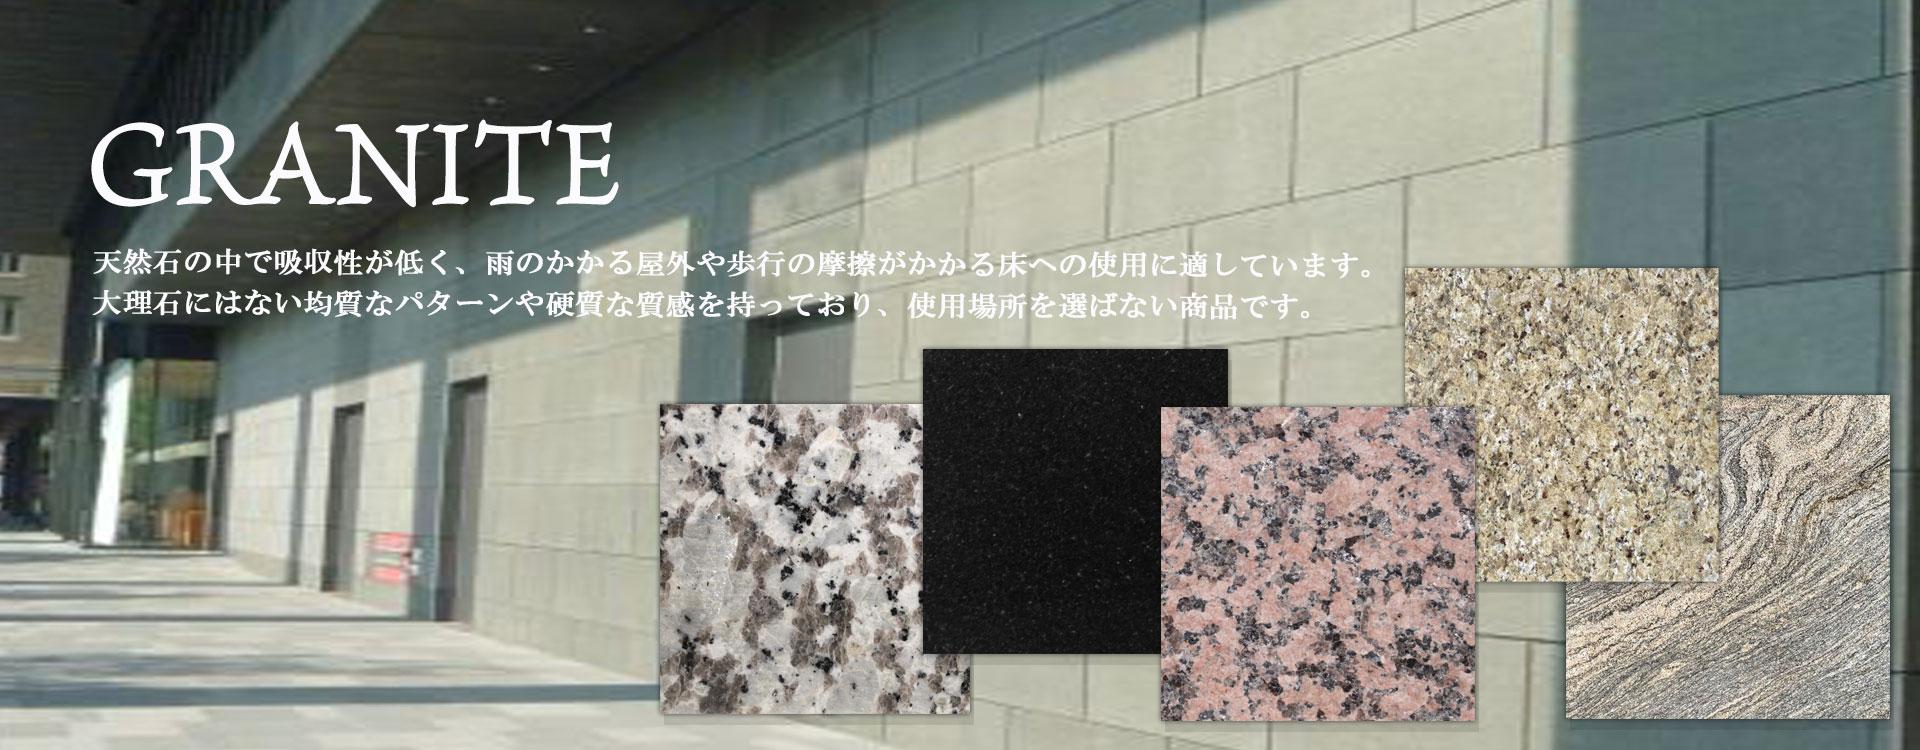 キッチン 大理石 御影石 関ヶ原石材 テーブル STガーデン 400角 岐阜 関ヶ原 天板 石のネット通販